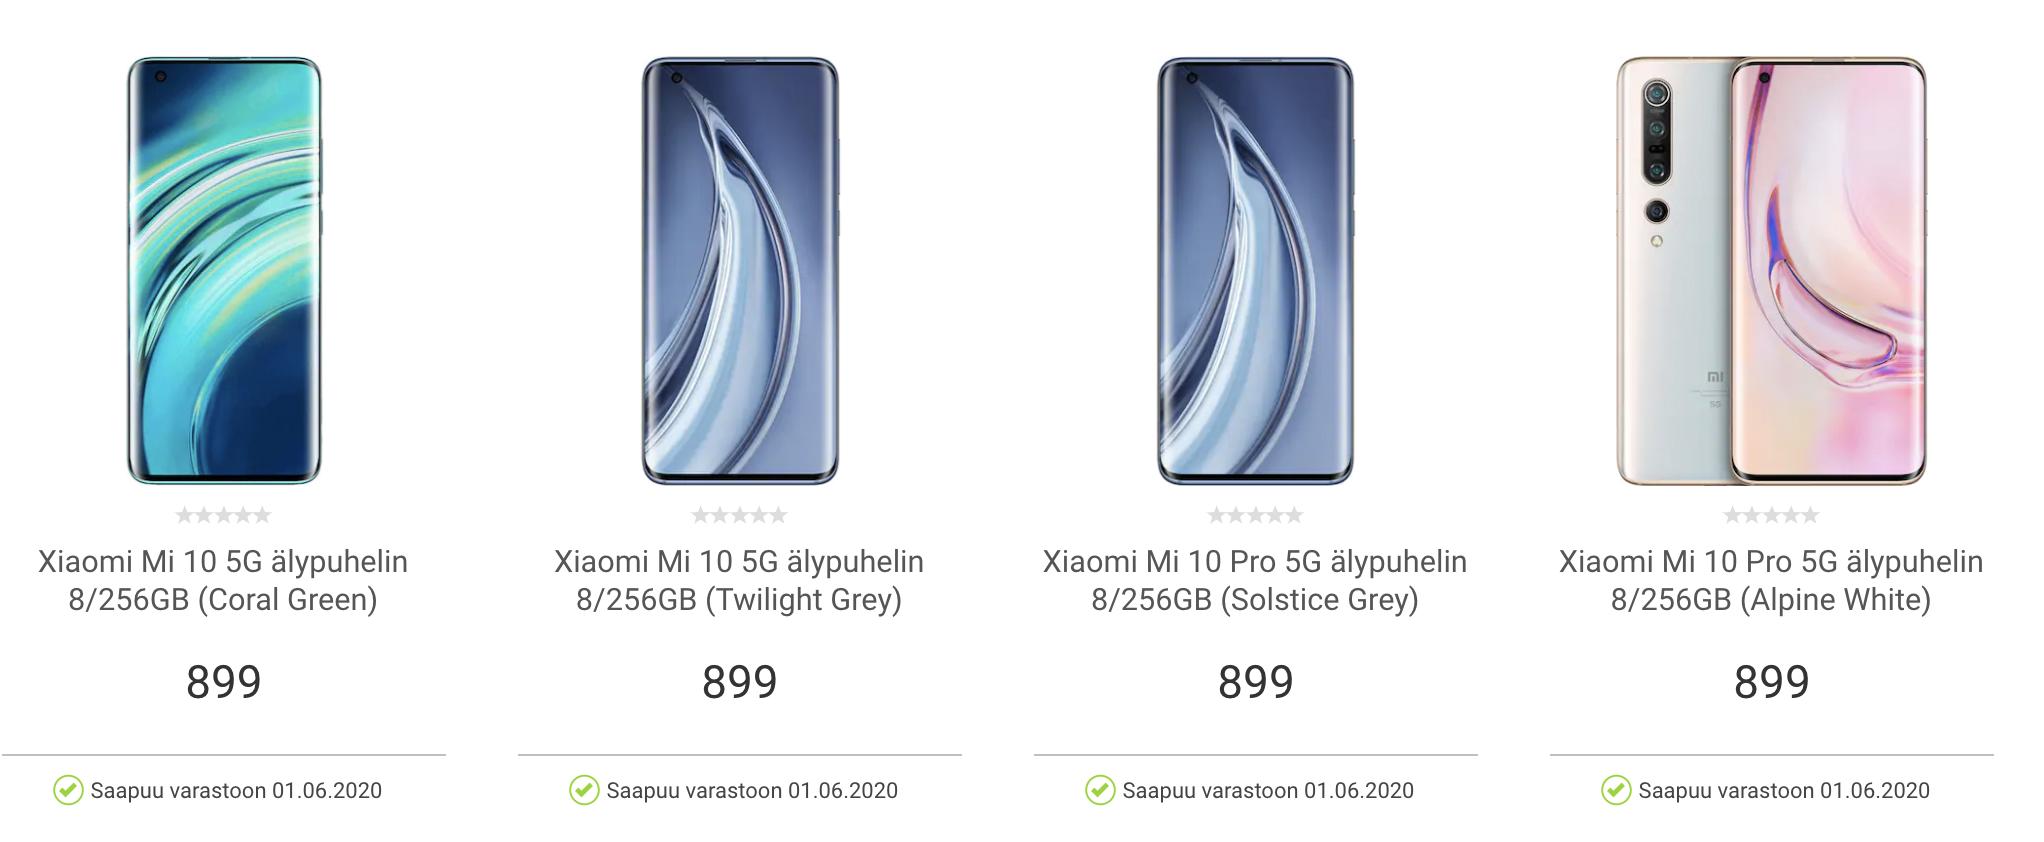 Xiaomi Gigantti